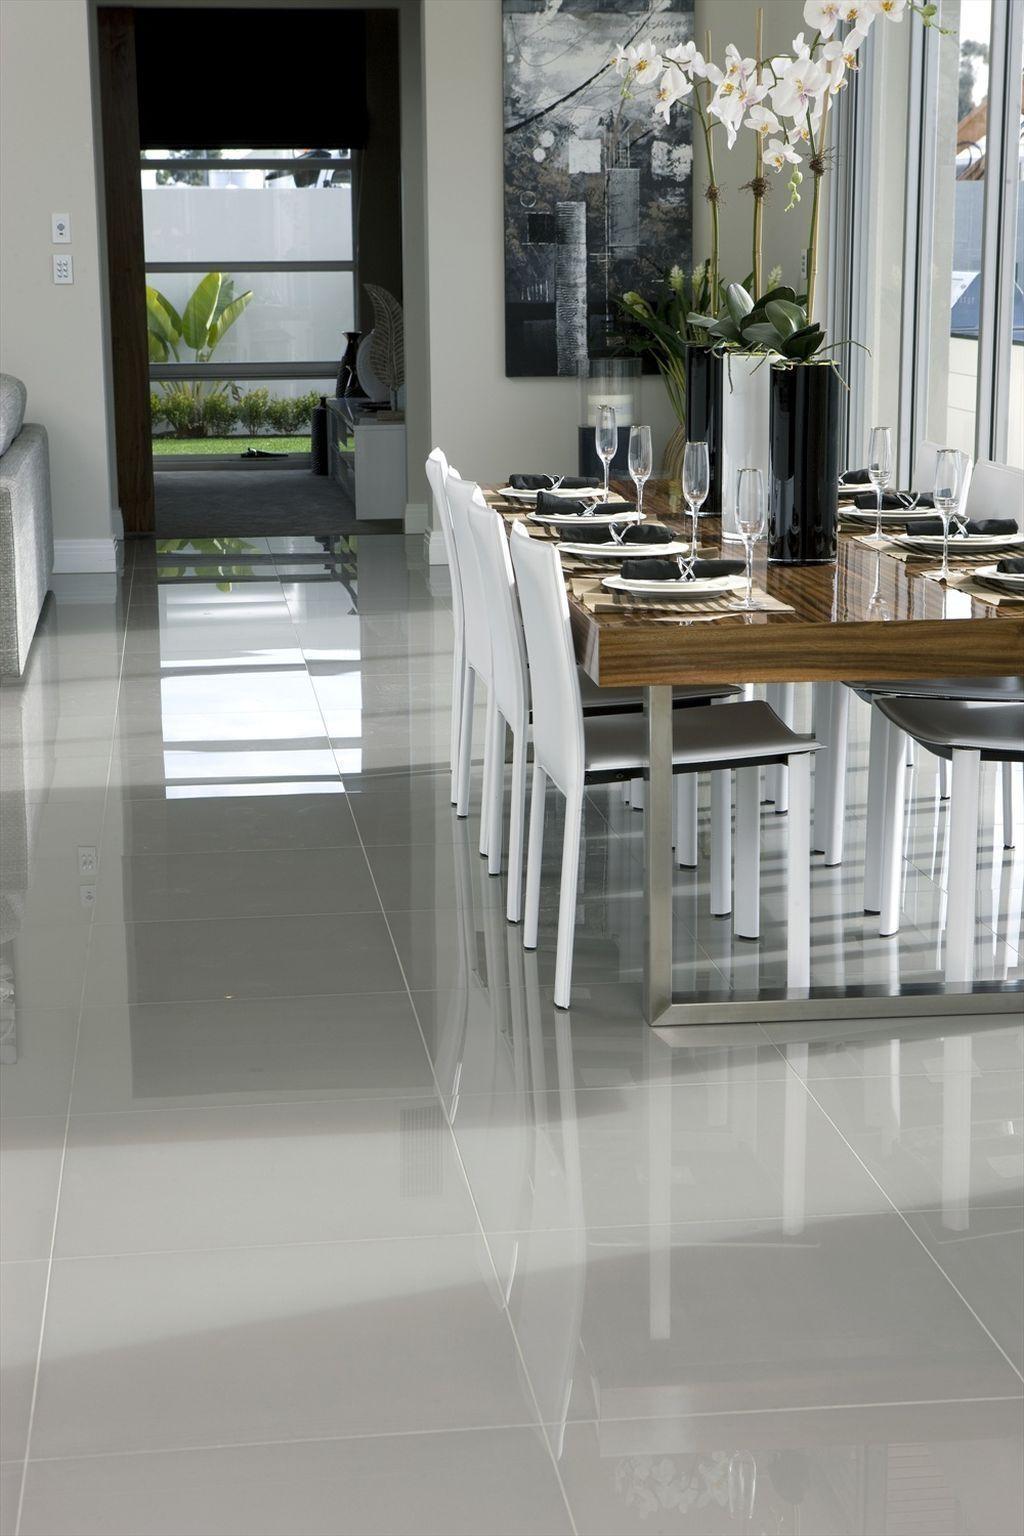 41 enchanting porcelain tile ideas for kitchen floors decorracks 41 enchanting porcelain on kitchen flooring ideas id=54099